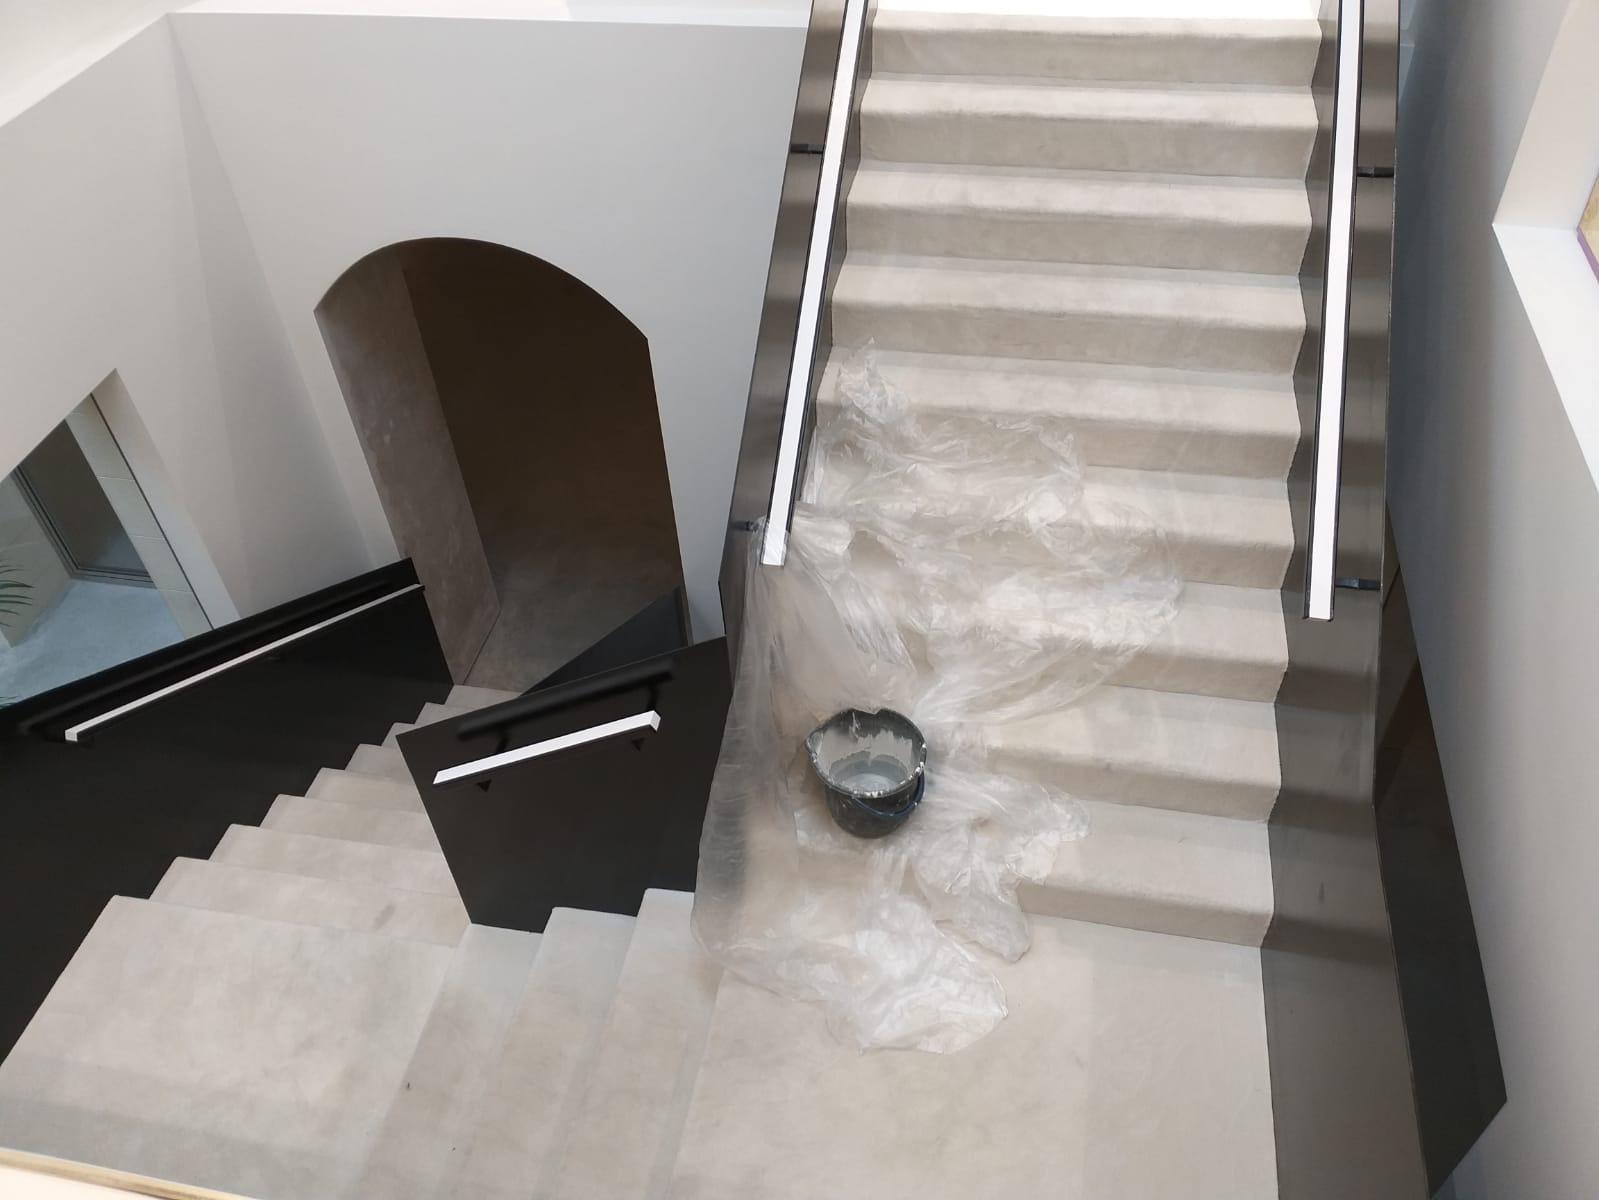 Limpieza de moquetas y escaleras en restaurante ruso en Barcelona